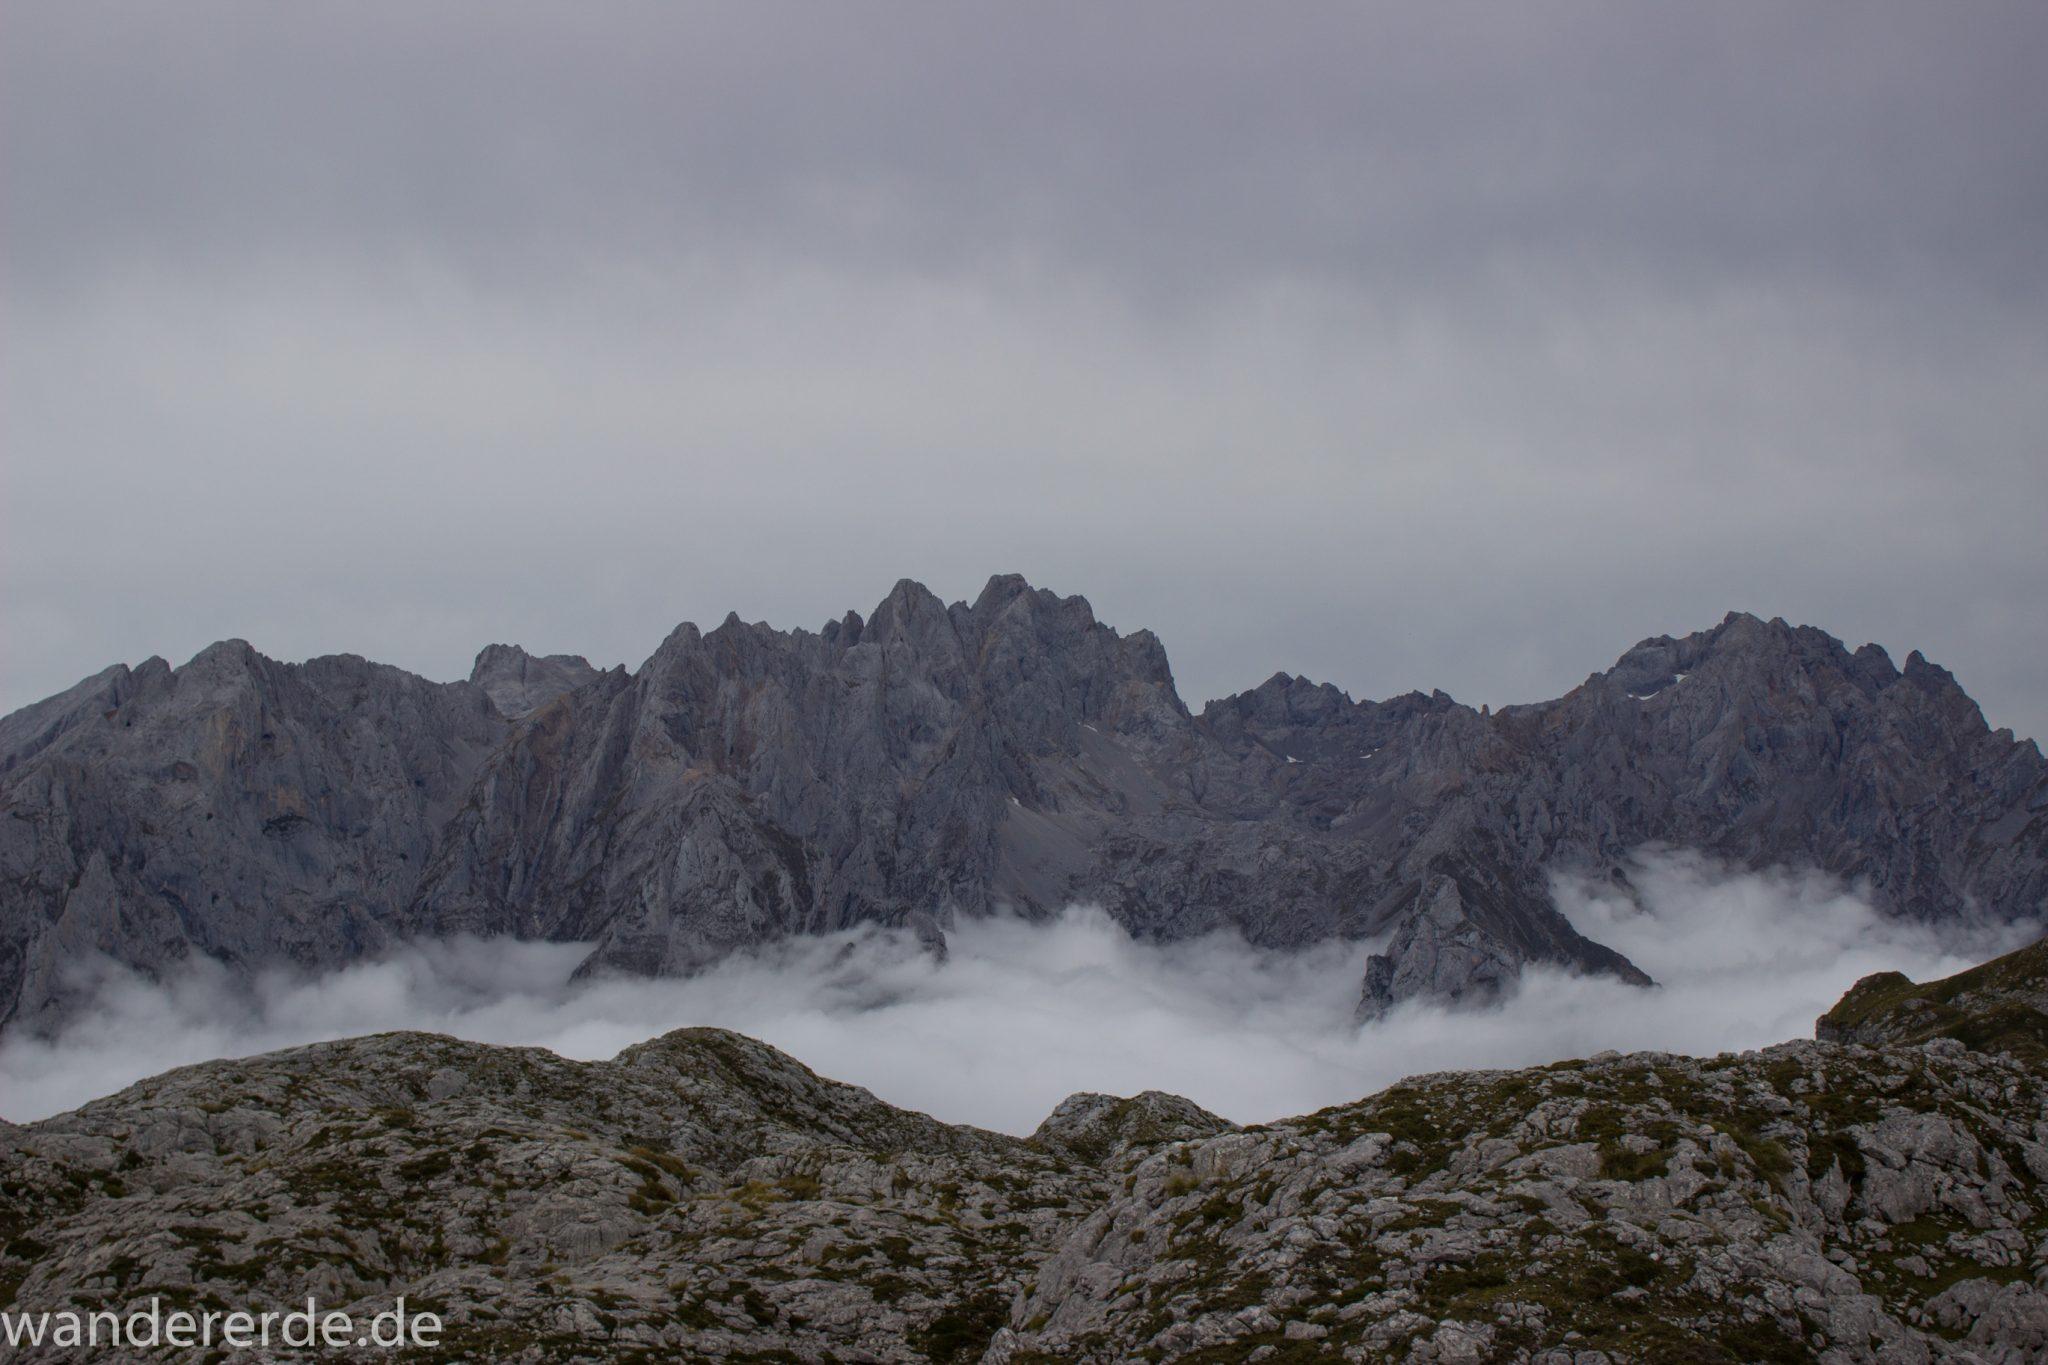 Wanderung Vega de Ario Picos de Europa Spanien, dichte Wolken, Bergregion in Nordspanien, Wandern, zerklüftete Felsen, Steine, schmaler Wanderpfad, atmosphärisch, Aussicht auf große Bergkette